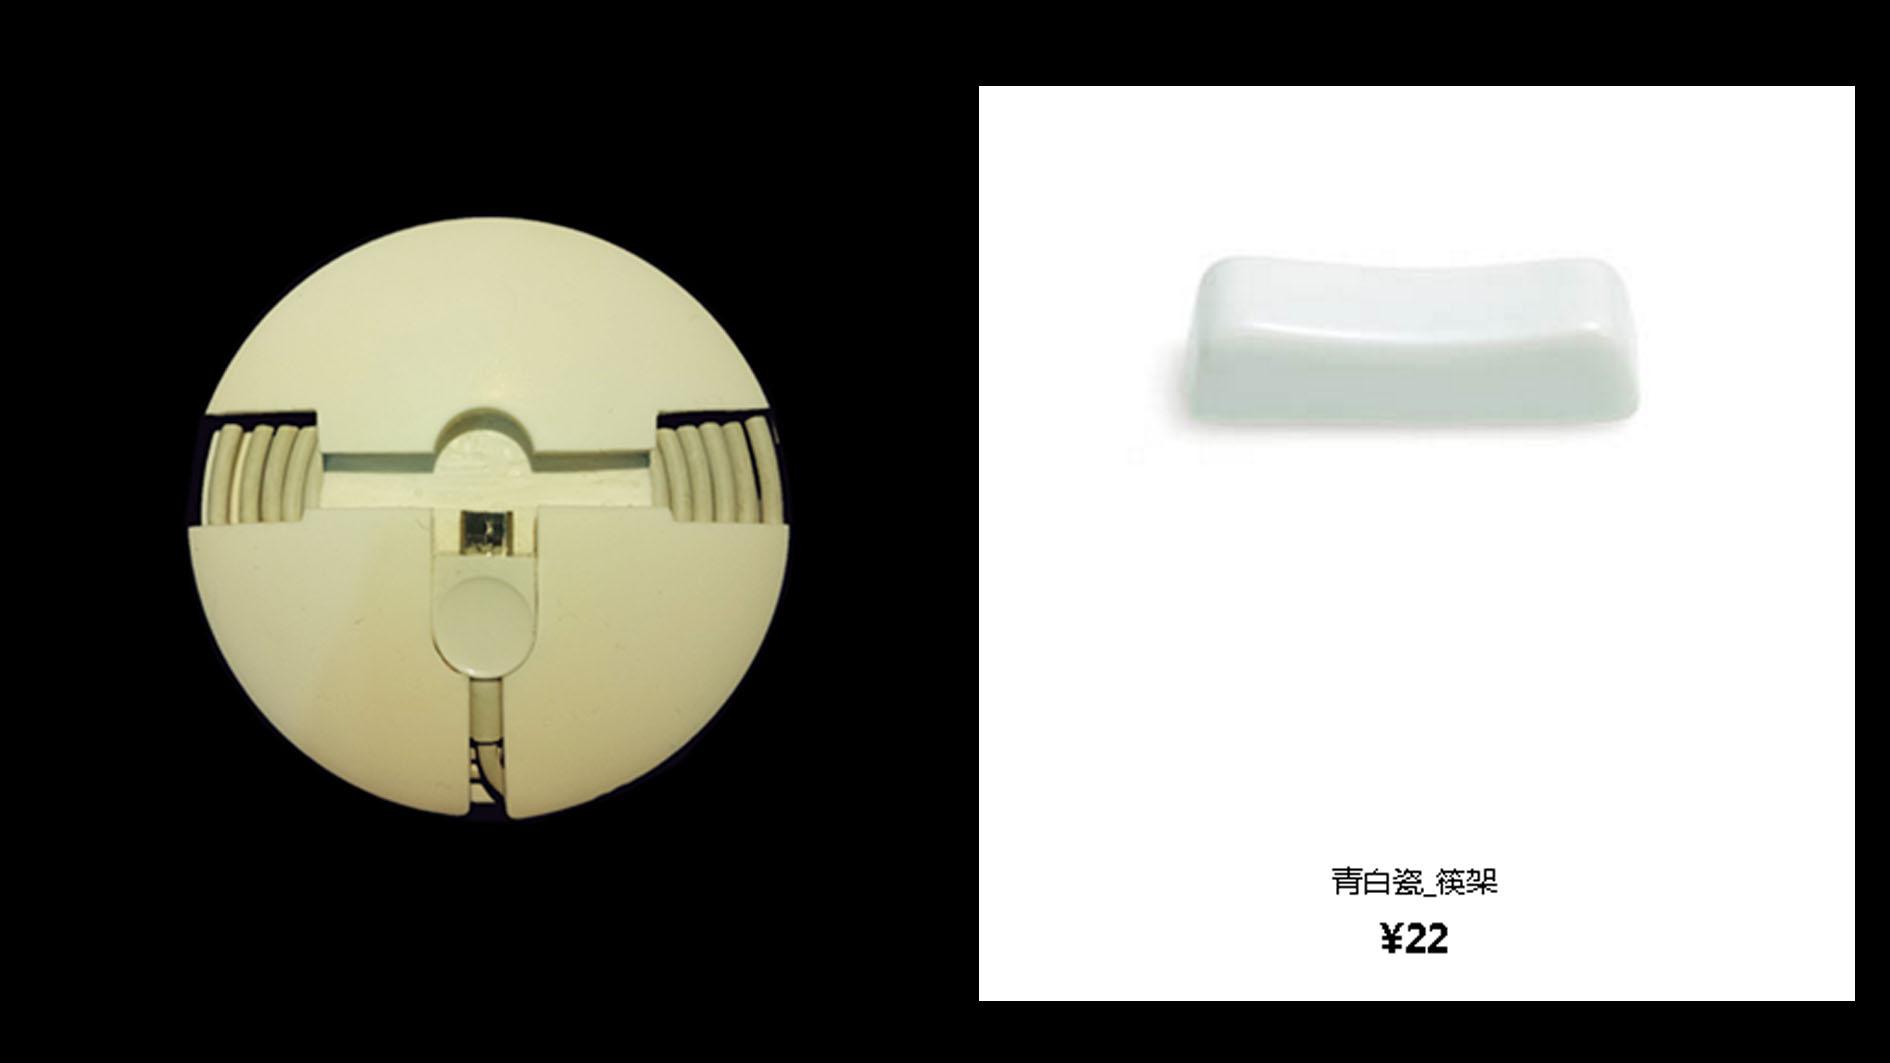 4与白瓷筷架对比2.jpg